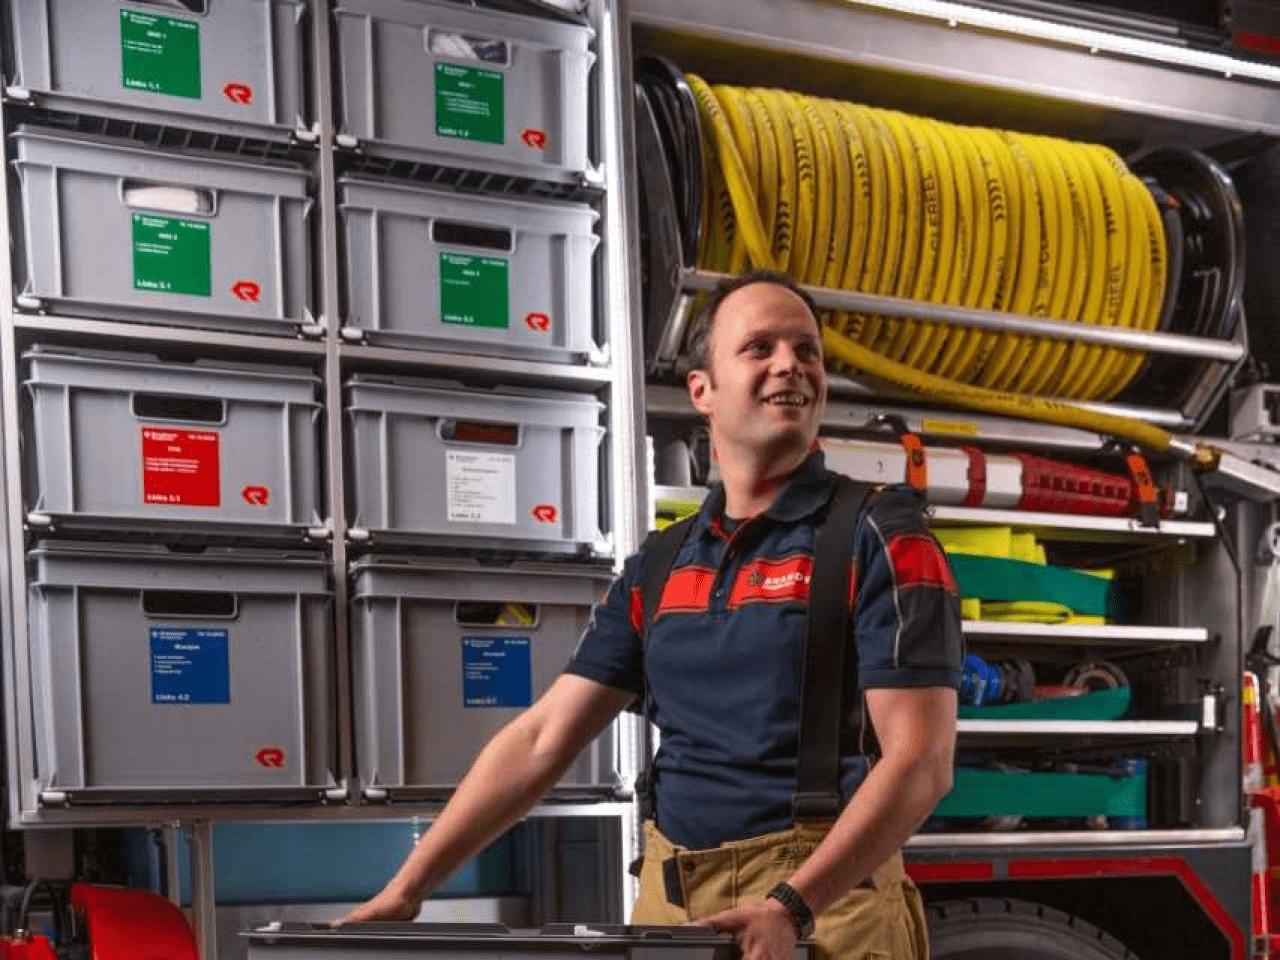 Vrijwillig brandweerman Gideon Harms poseert op werkplaats